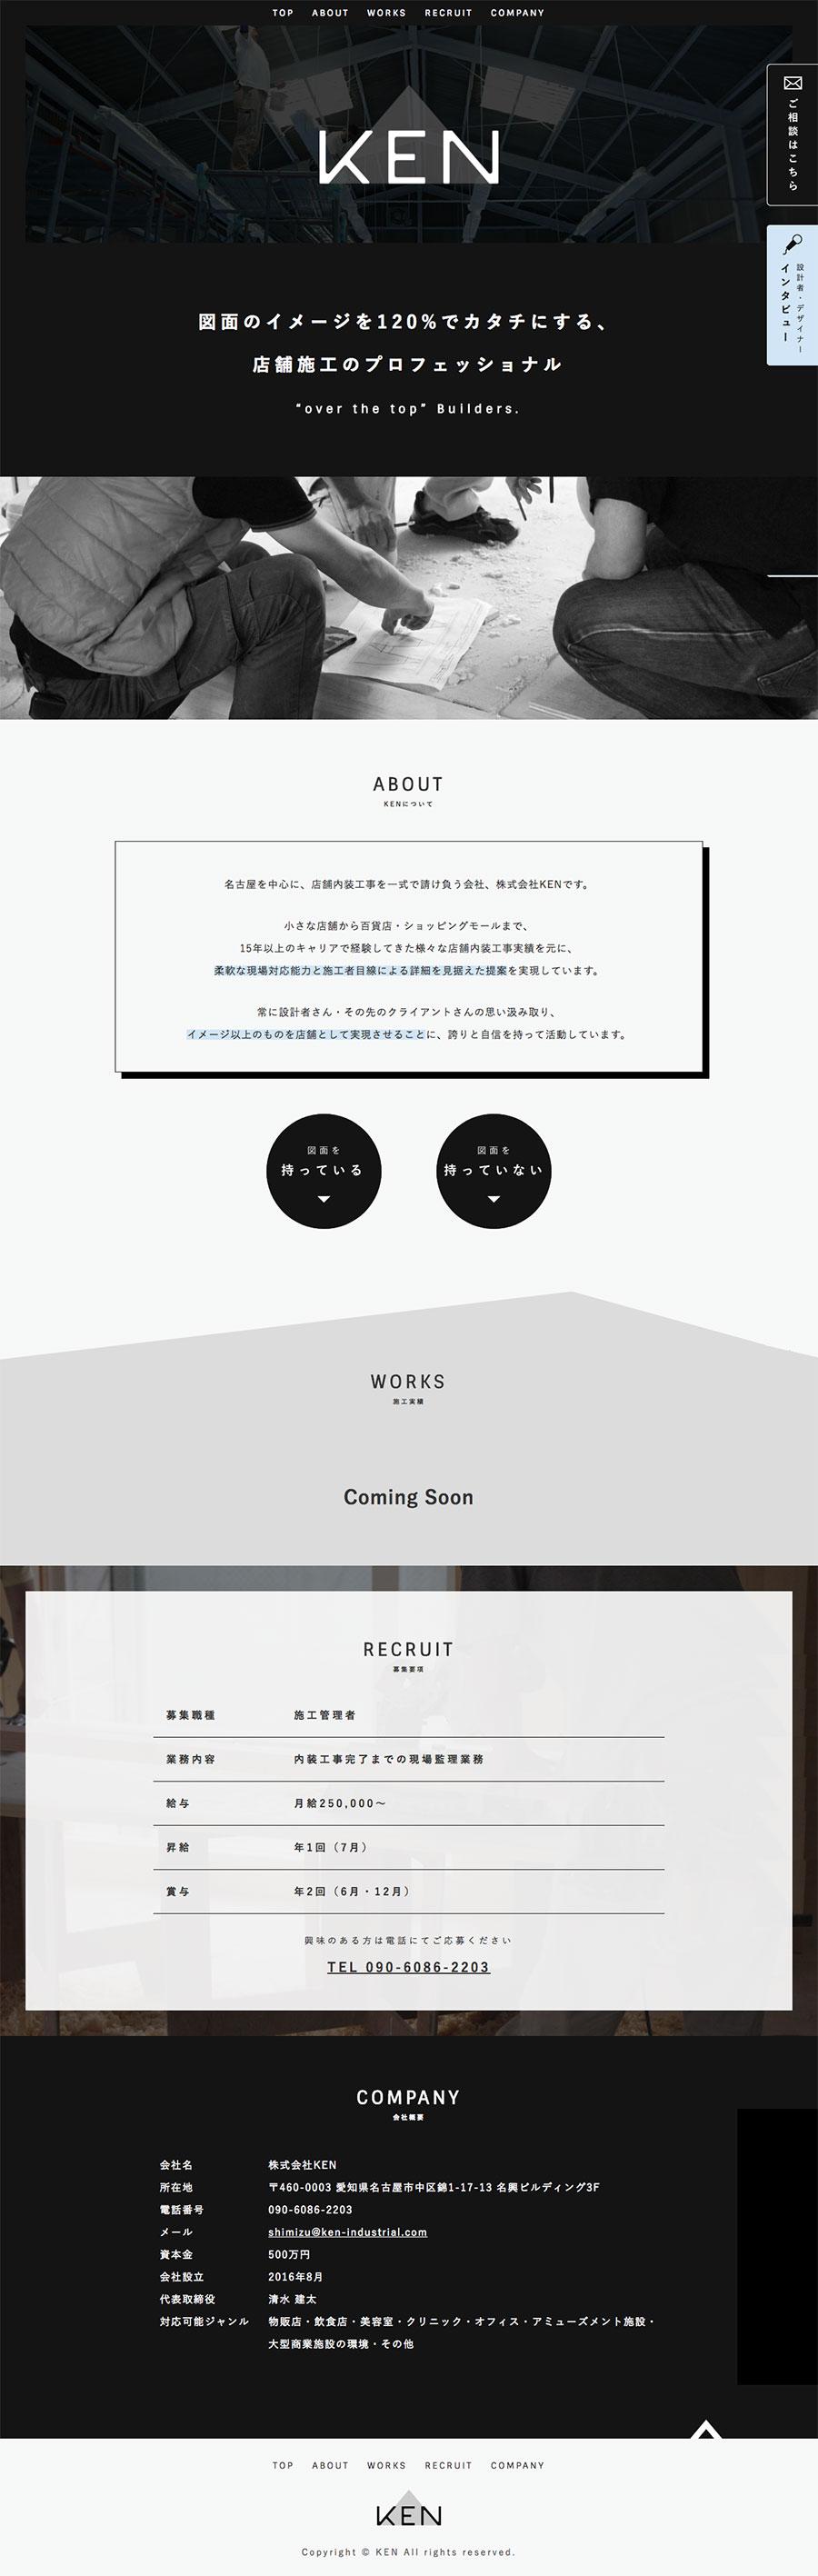 工務店のホームページデザイン